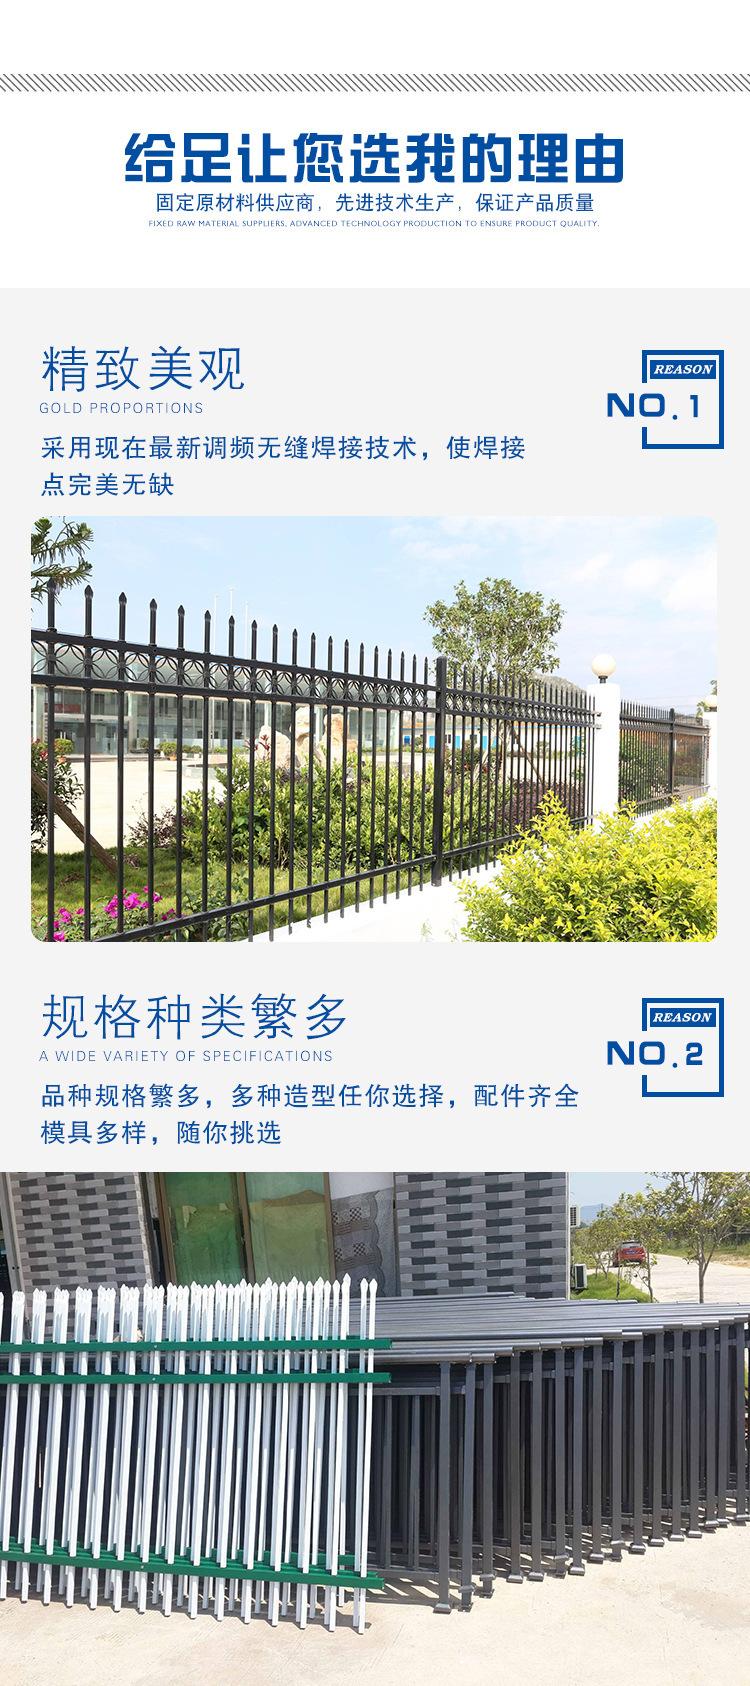 厂家生产 锌钢护栏 栅栏小区 别墅厂区室外绿蓝白喷塑铁艺围栏示例图2